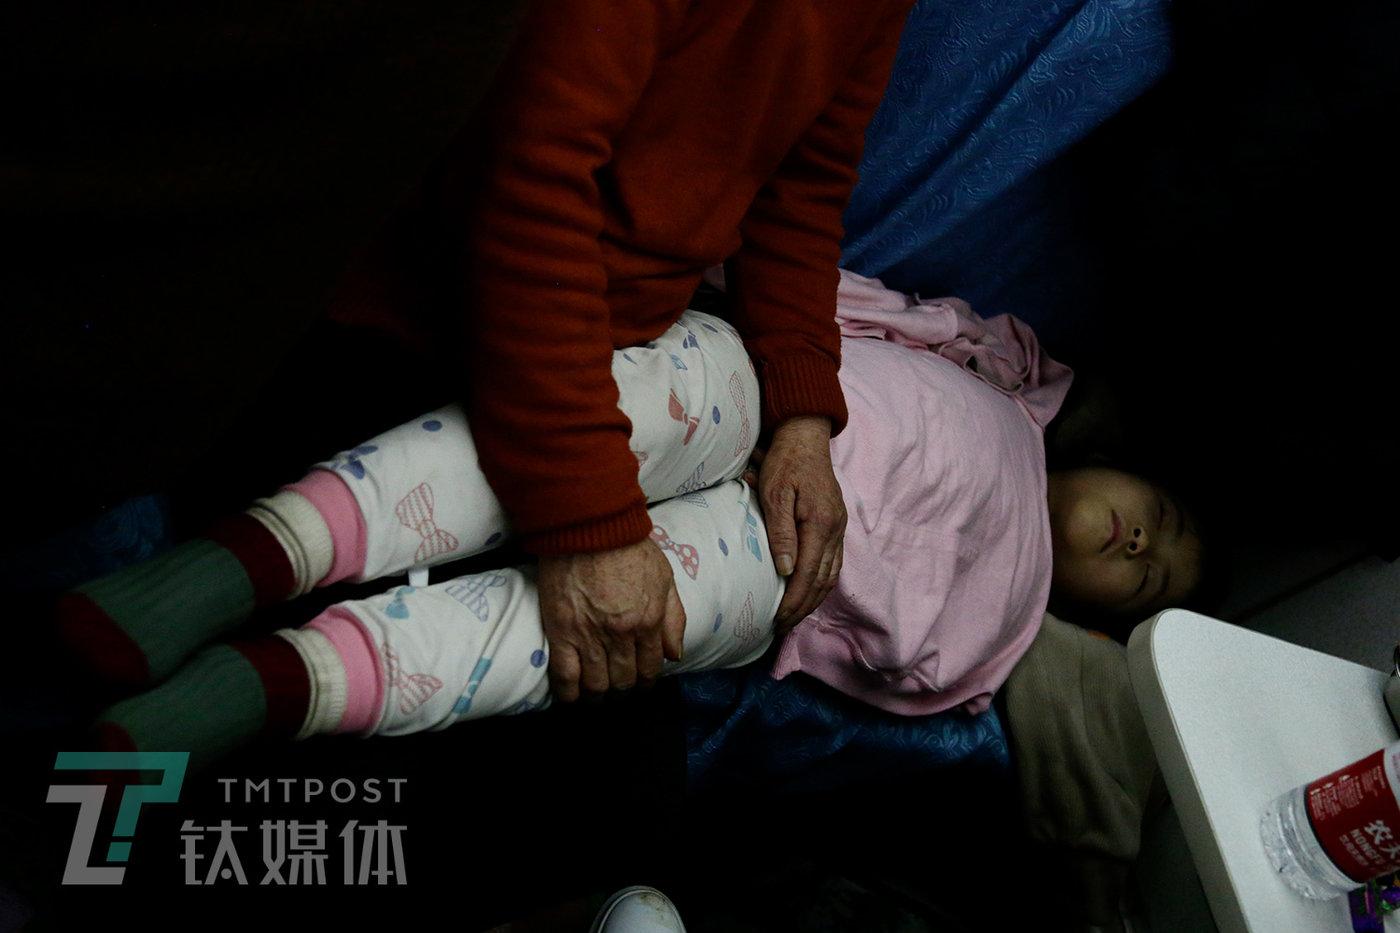 子夜,硬座上,老人抱着熟睡孩子的双腿。